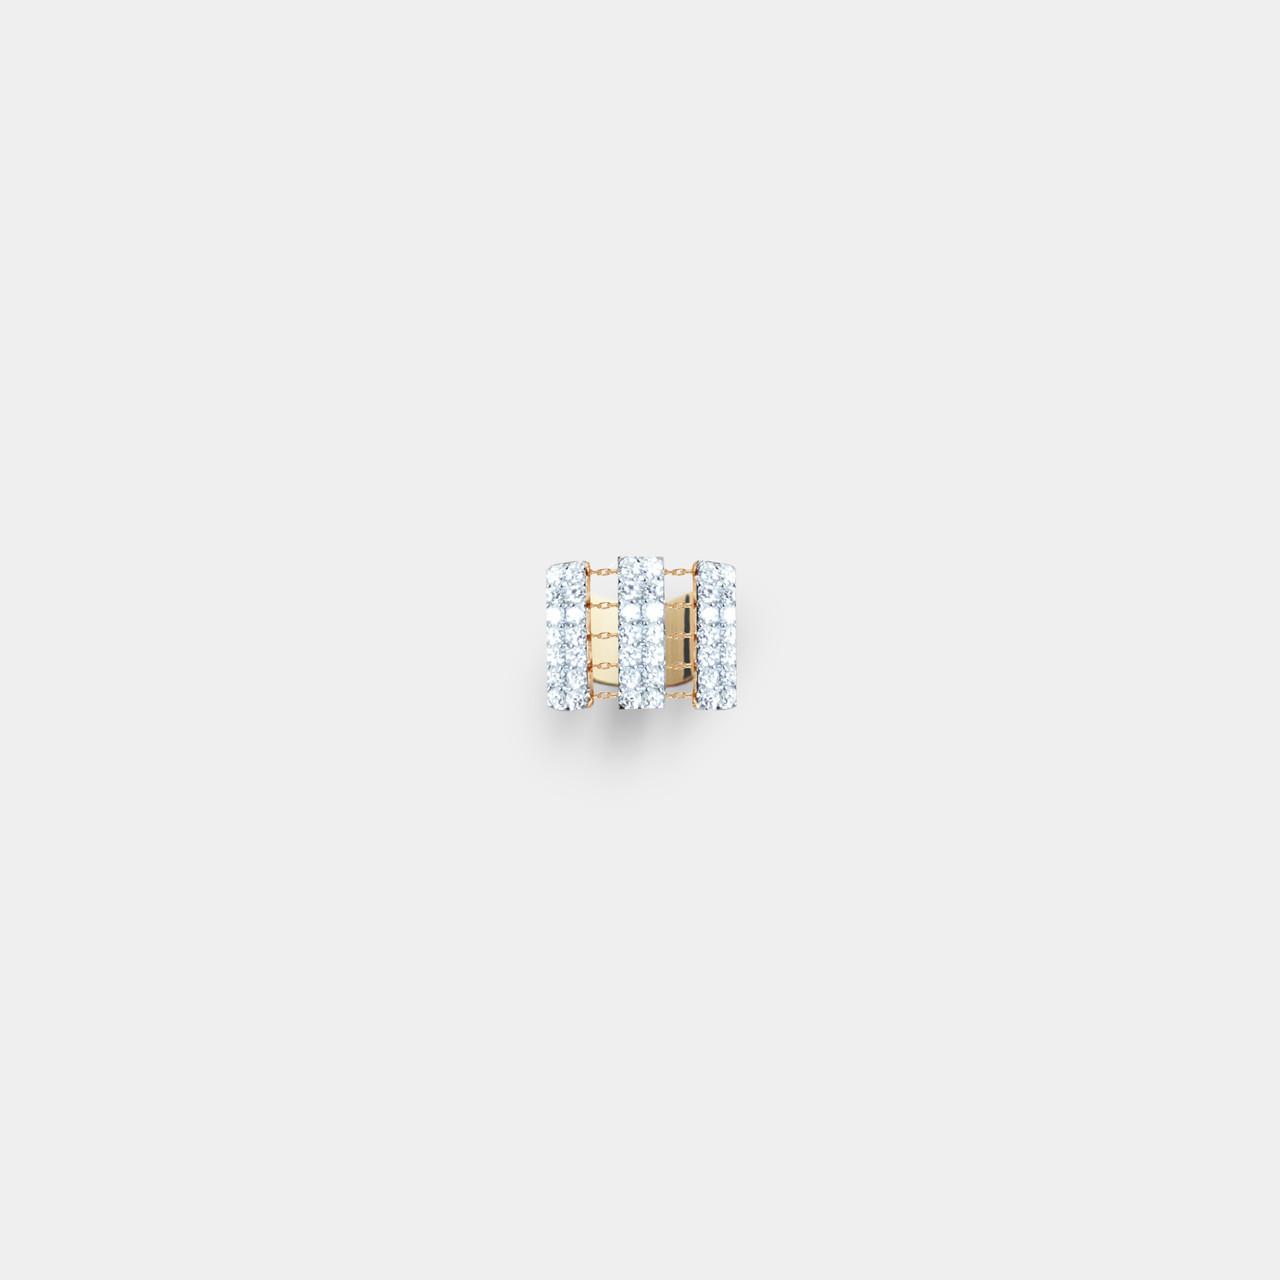 Bague Pave Diamant, Bague Bambou Pave Diamant Modèle XL